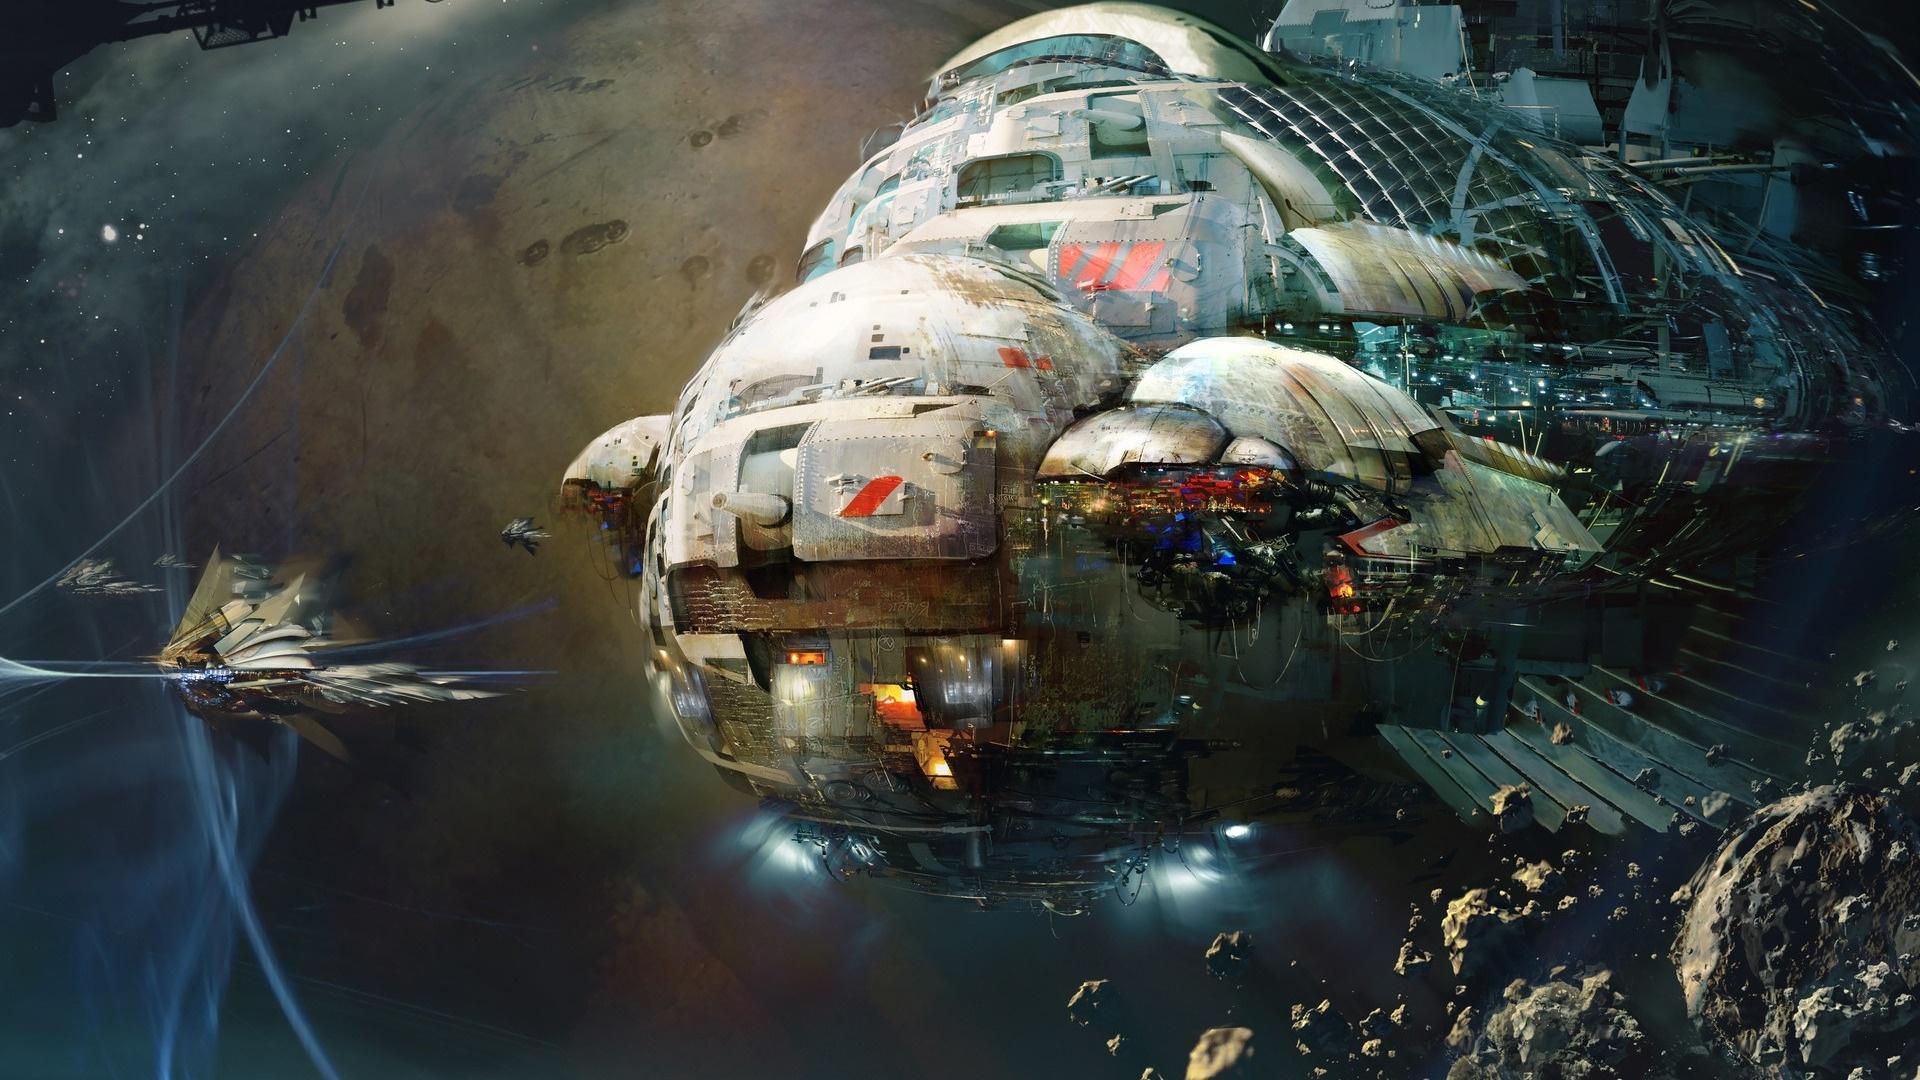 Spaceships Art Background